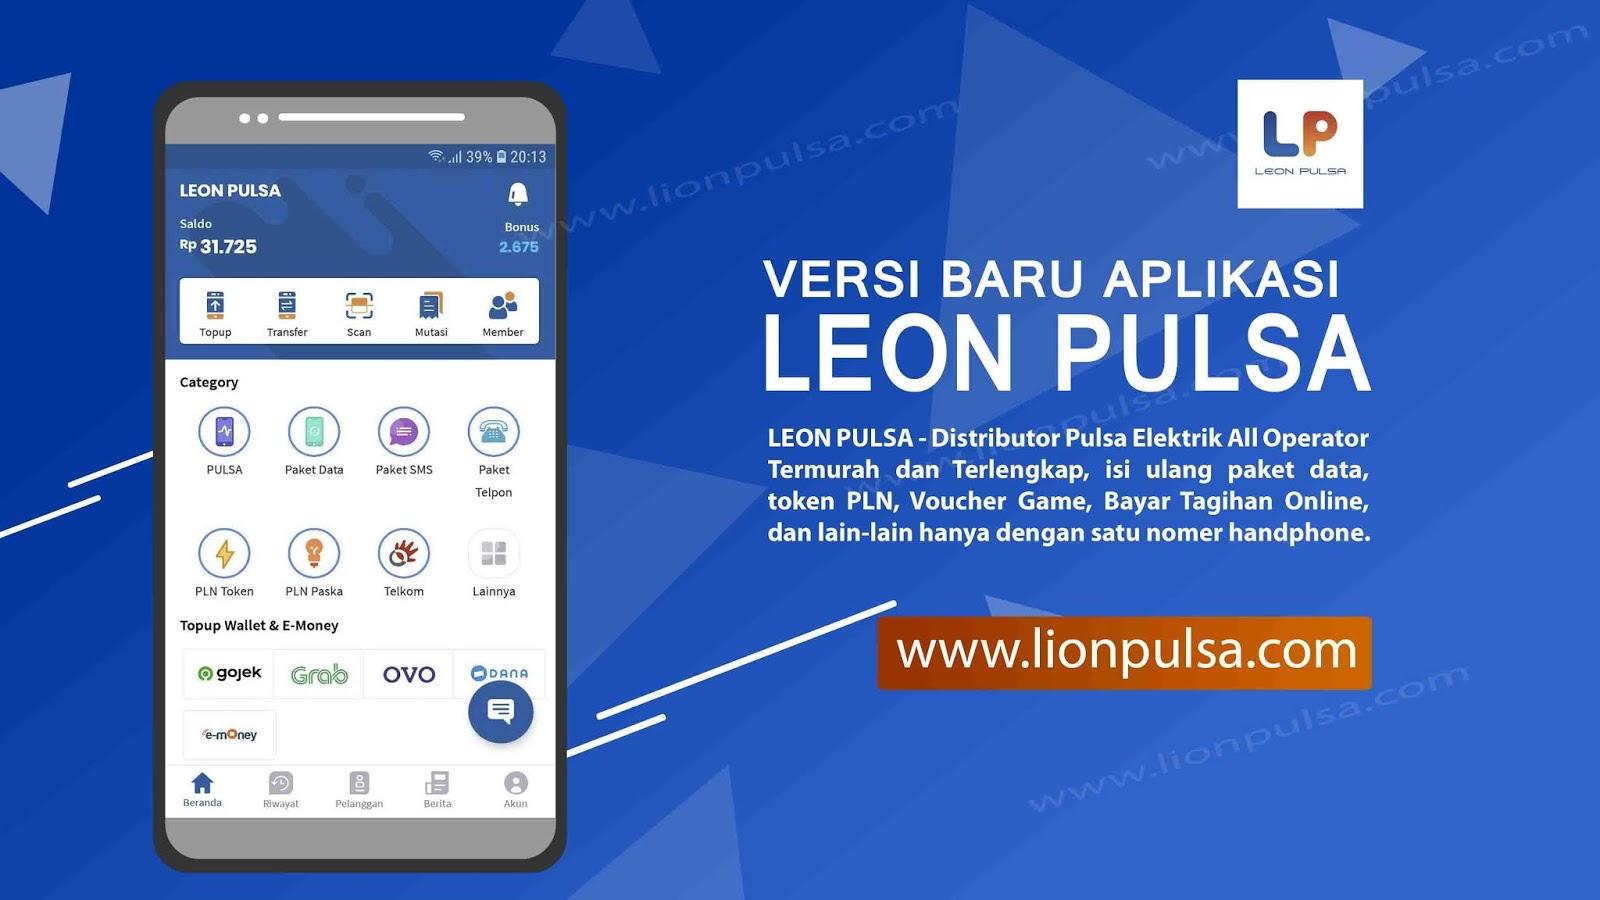 Aplikasi Jualan Pulsa Termurah Terbaru Leon Pulsa